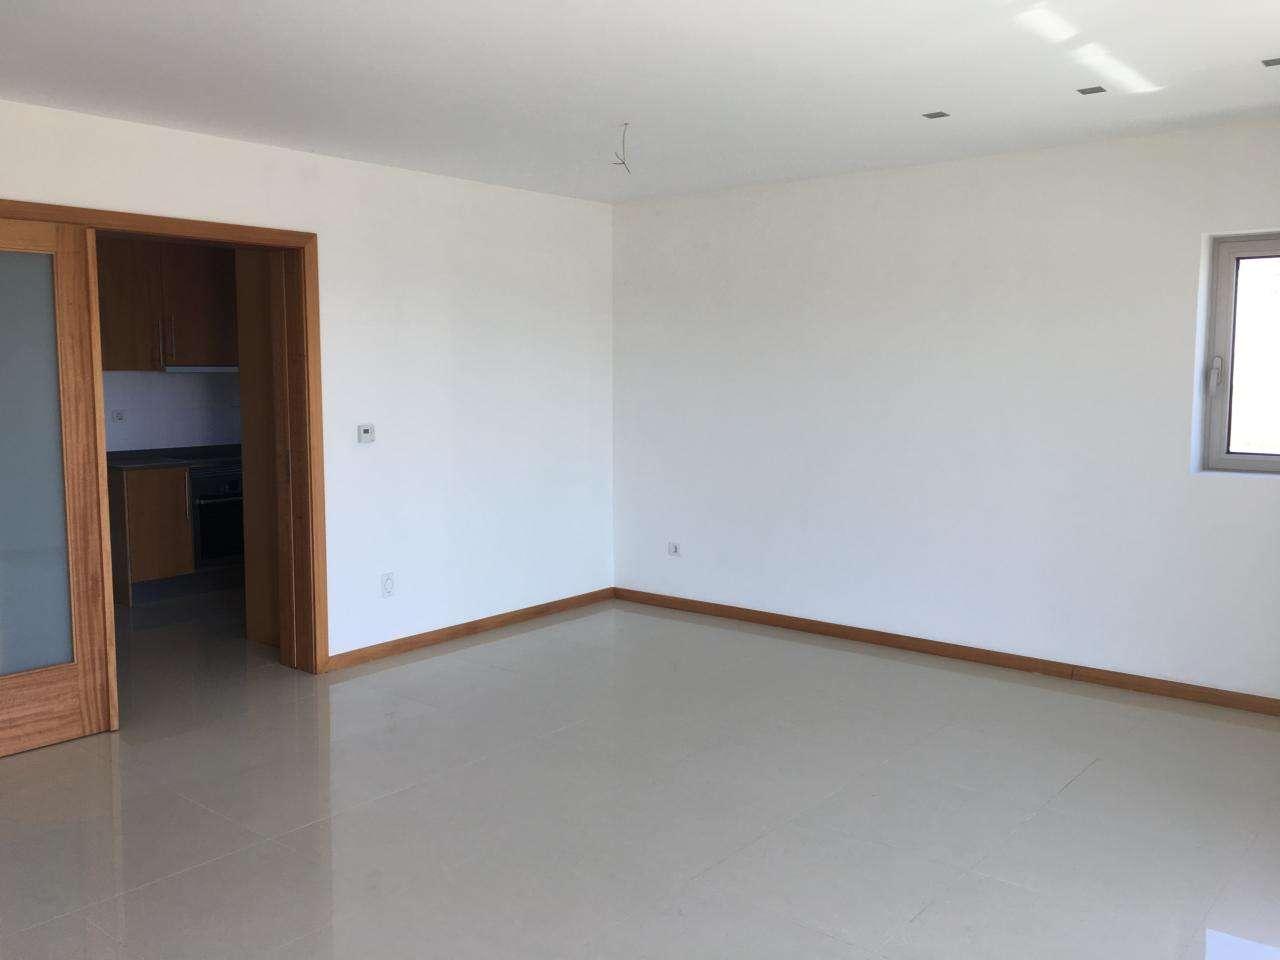 Apartamento para comprar, Torreira, Murtosa, Aveiro - Foto 10